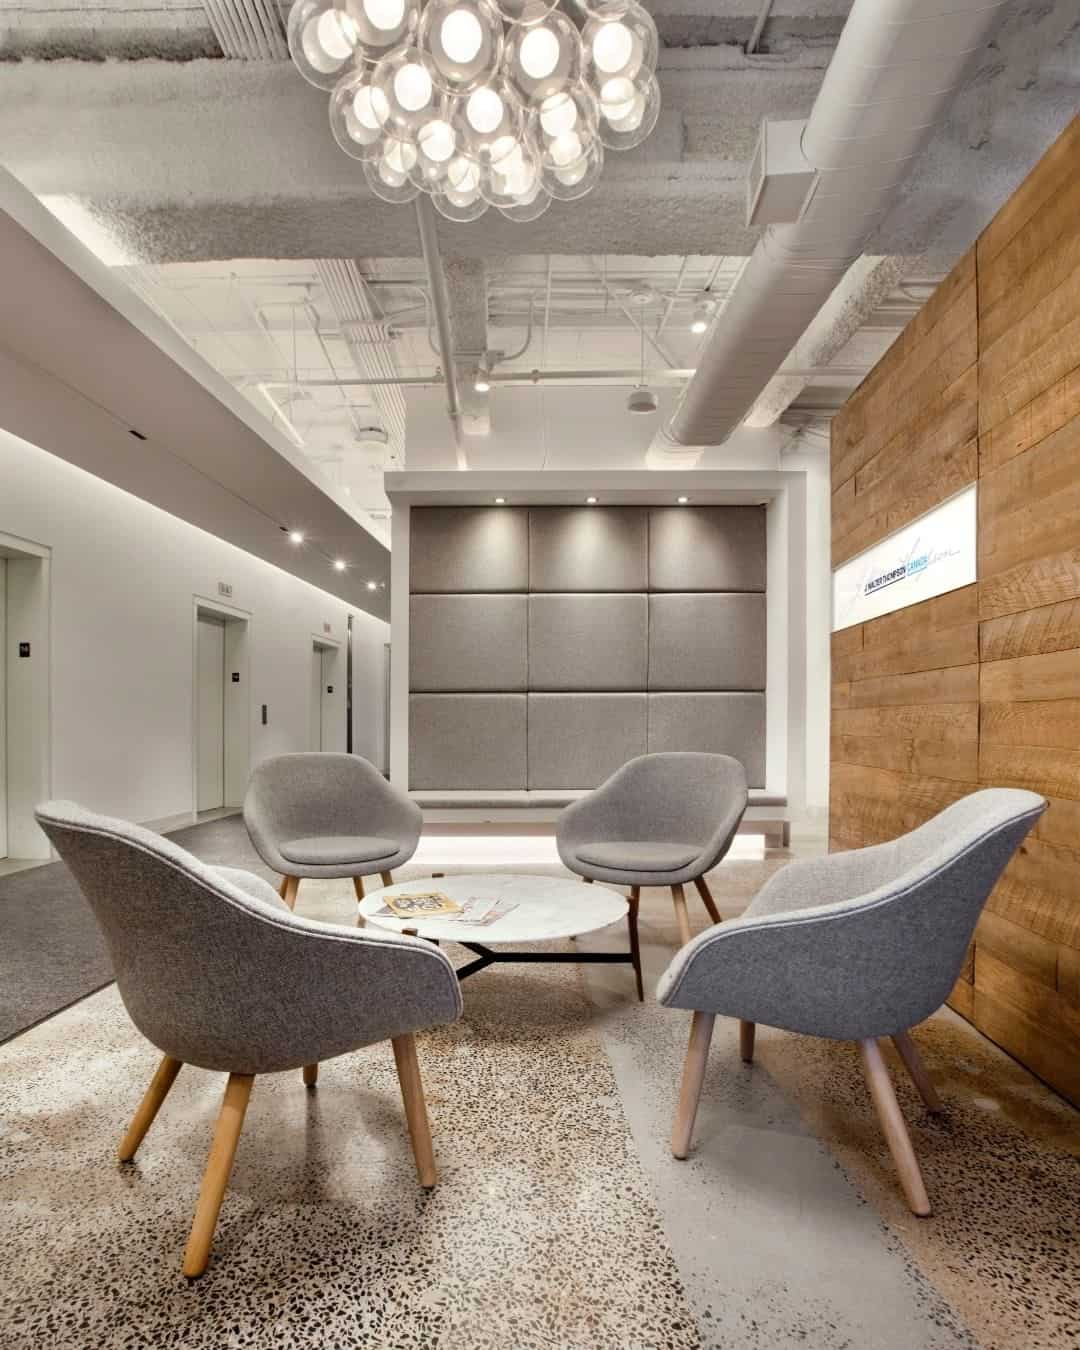 Home-interiors-2020-DIY-decor-ideas-for-your-home-design